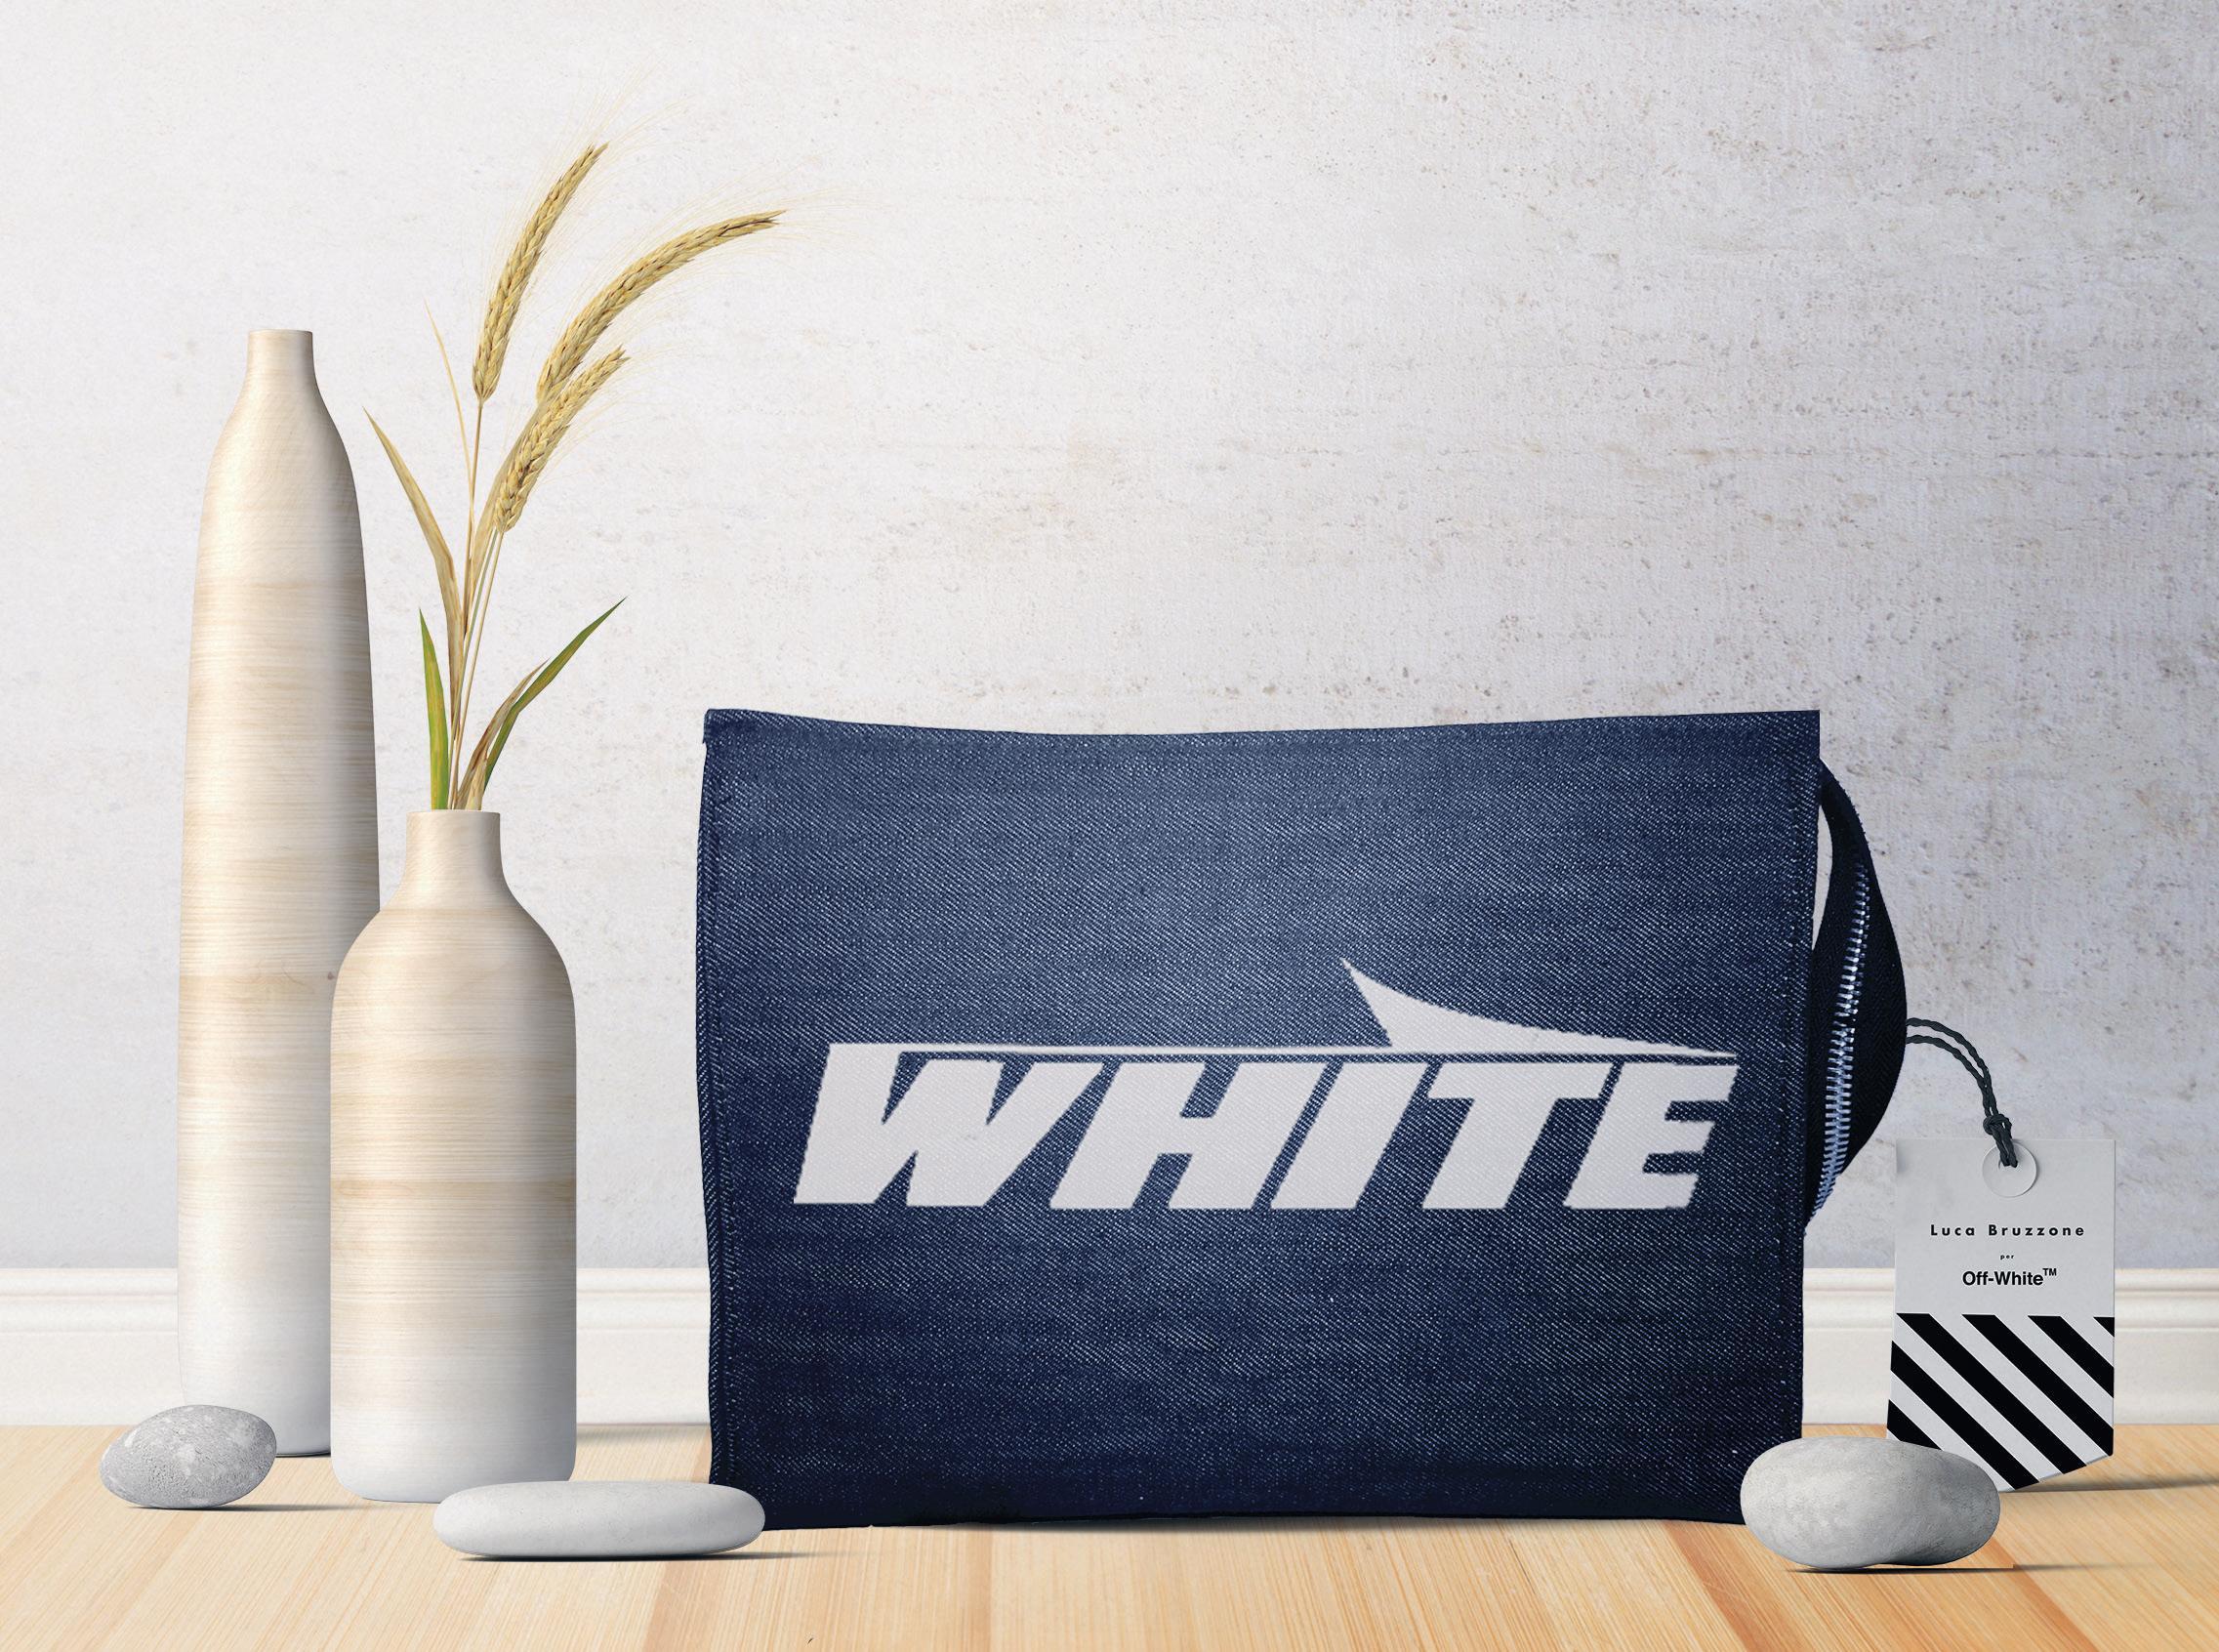 pochette off-white